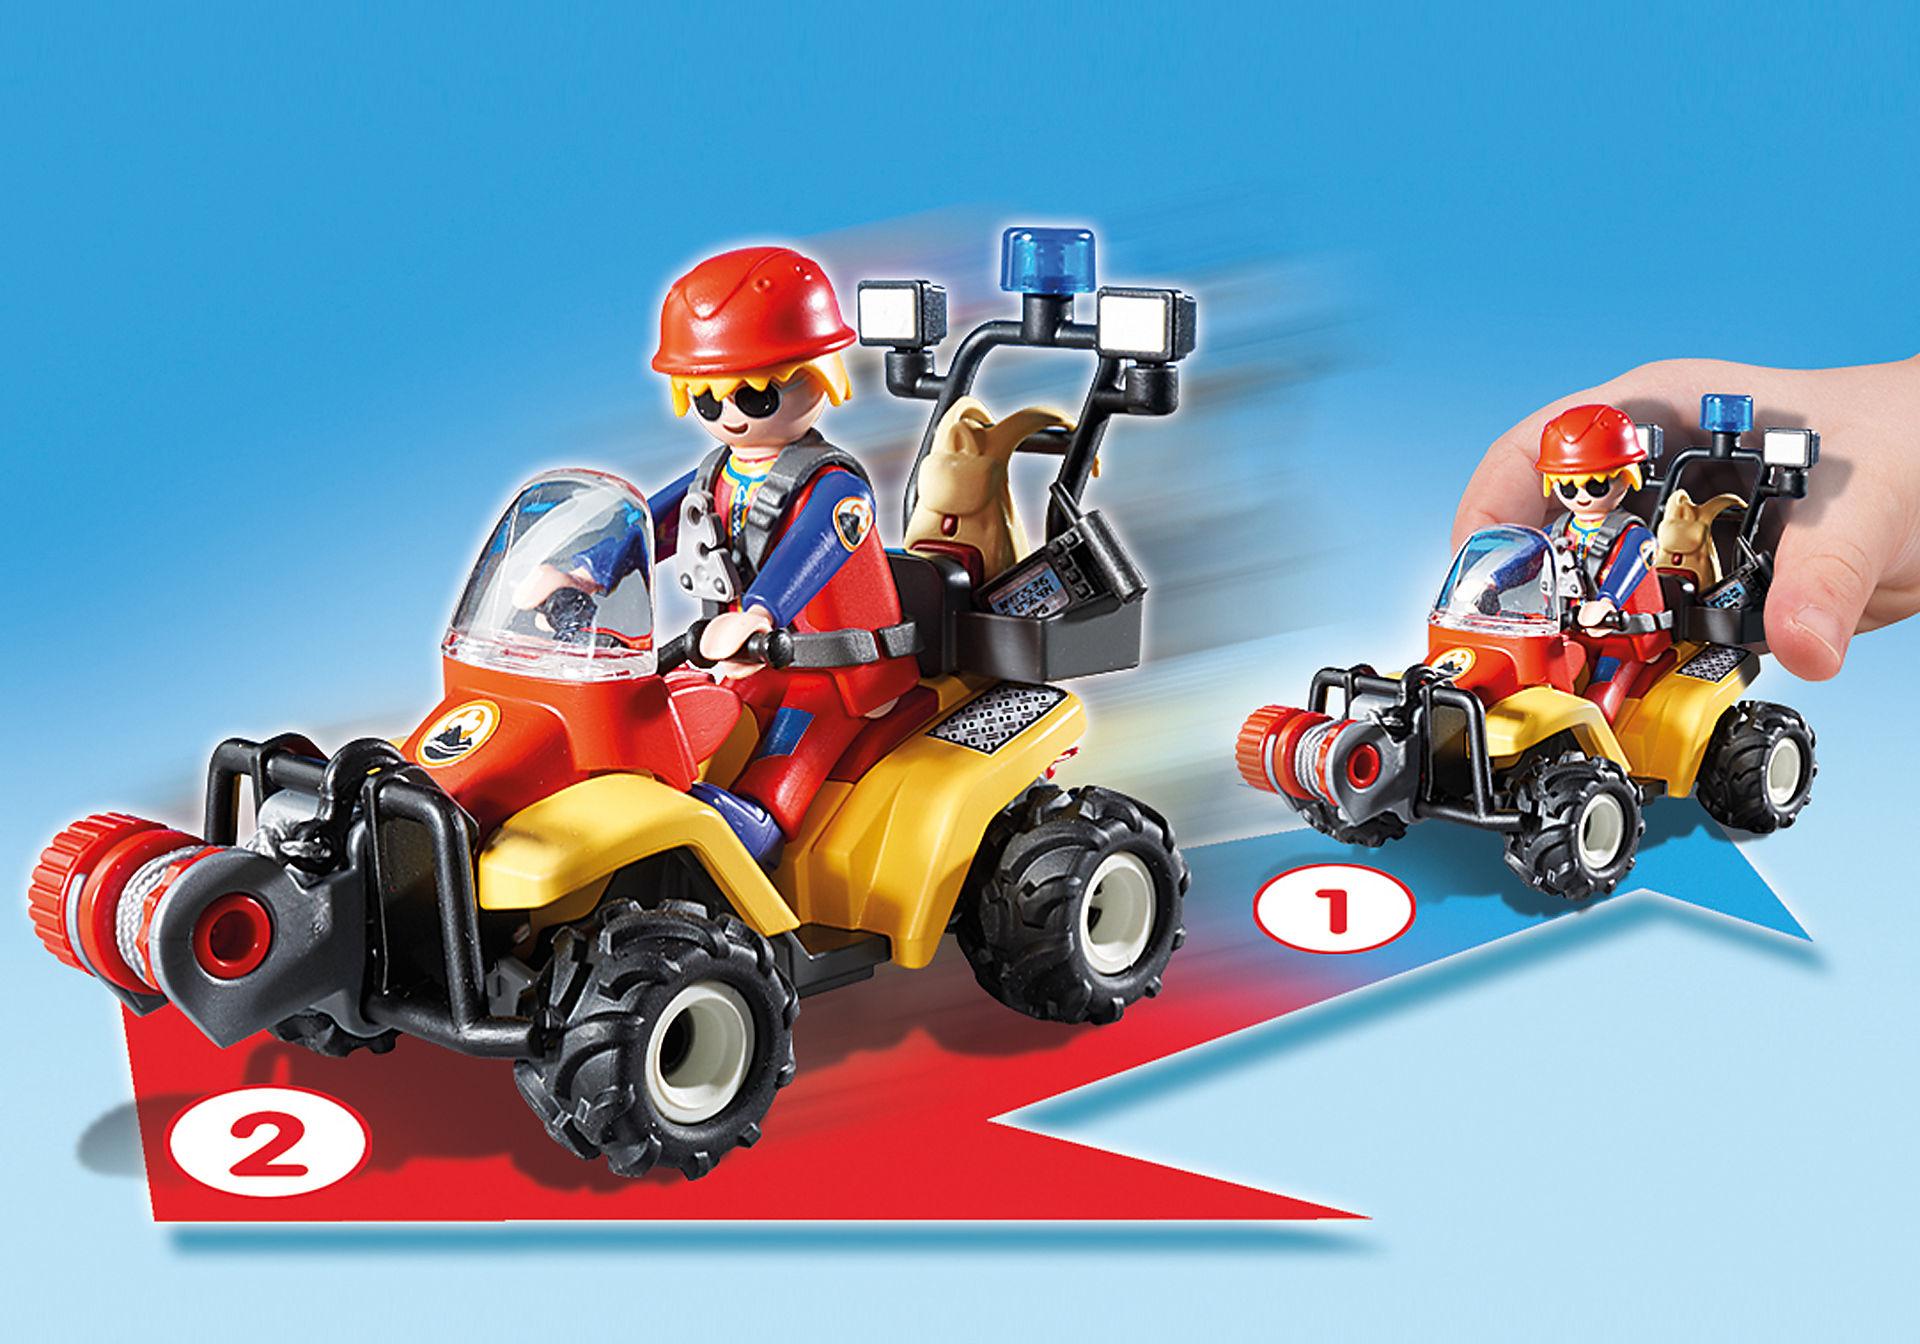 http://media.playmobil.com/i/playmobil/9130_product_extra1/Quad de Rescate de Montaña